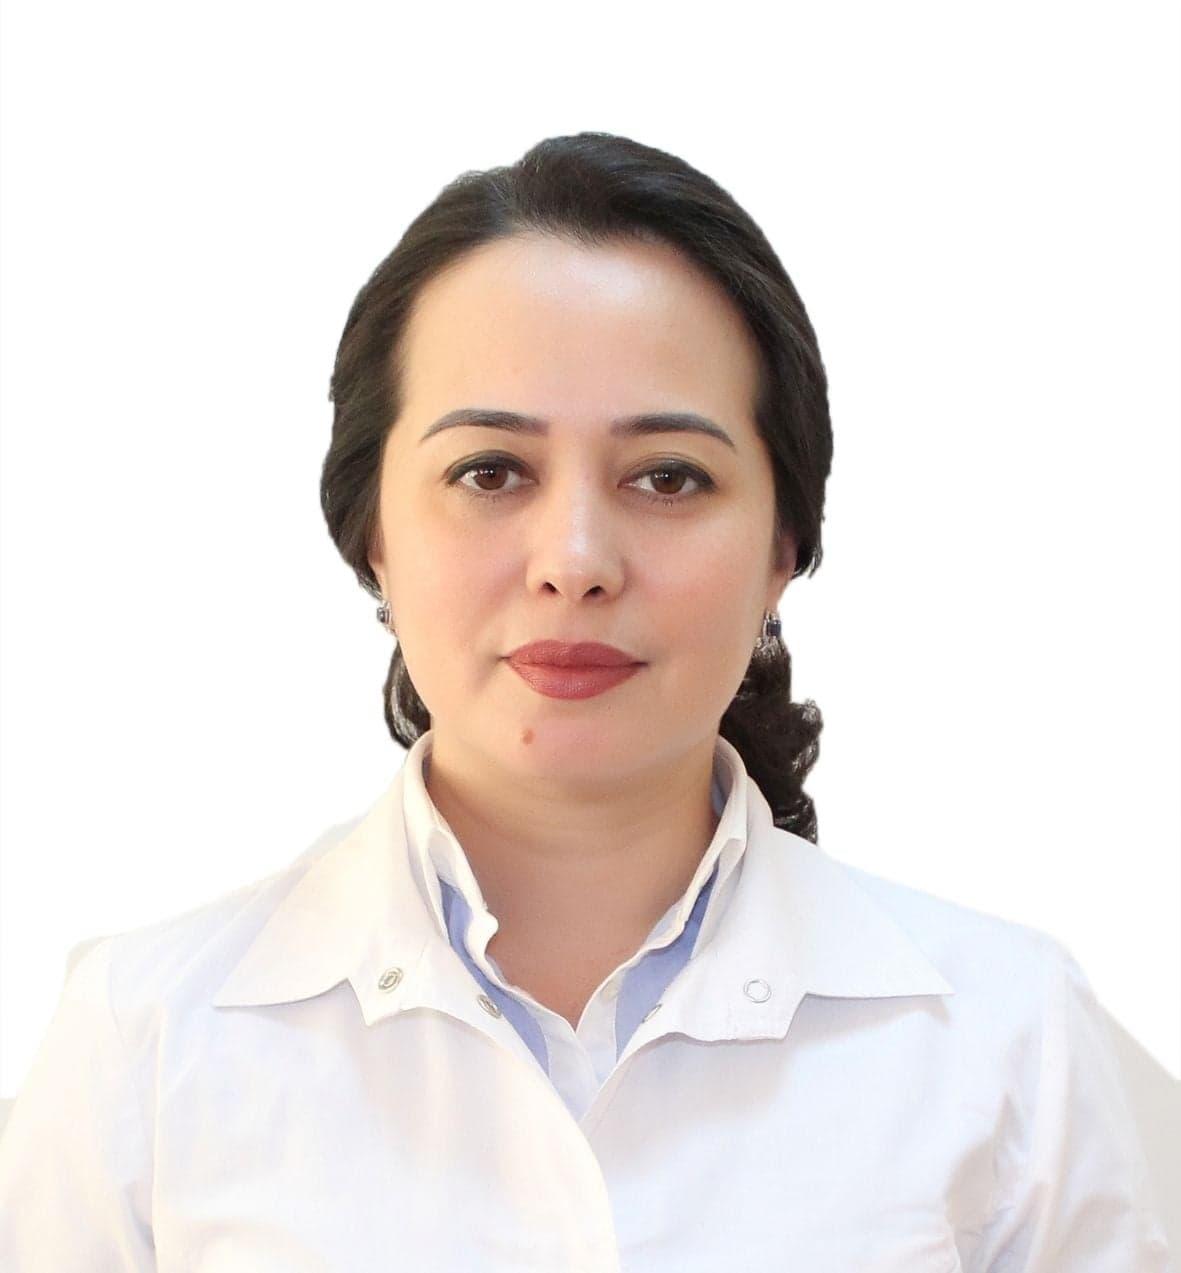 Садикова Дилфуза гинеколог